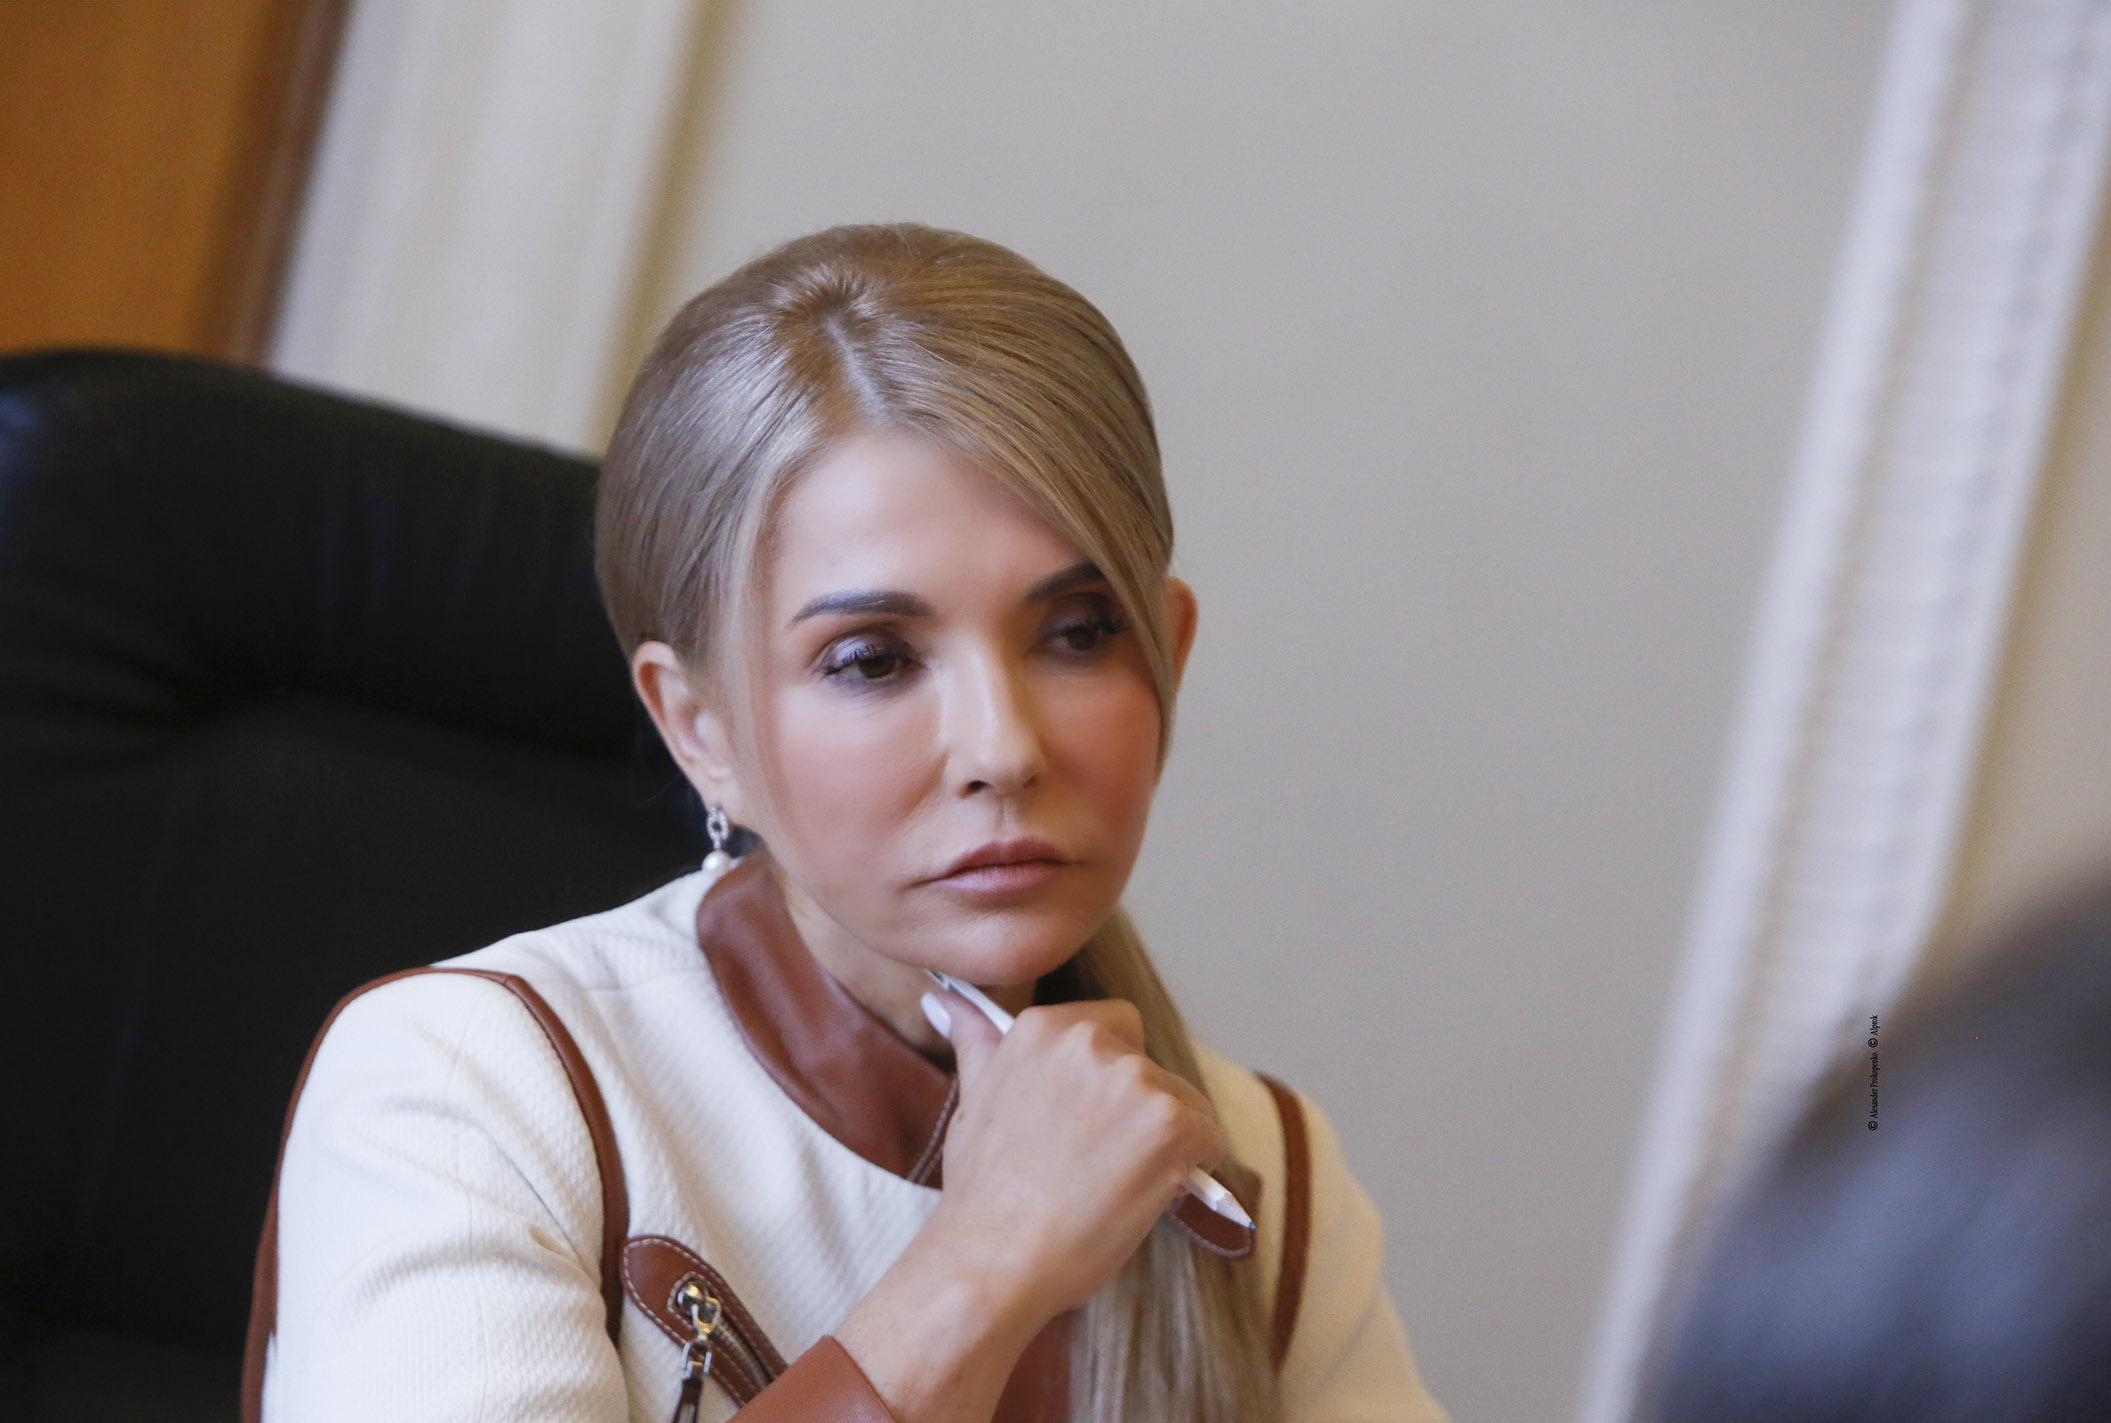 Если бы не Тимошенко, власть даже не вспомнила бы о субсидиях для людей - эксперт